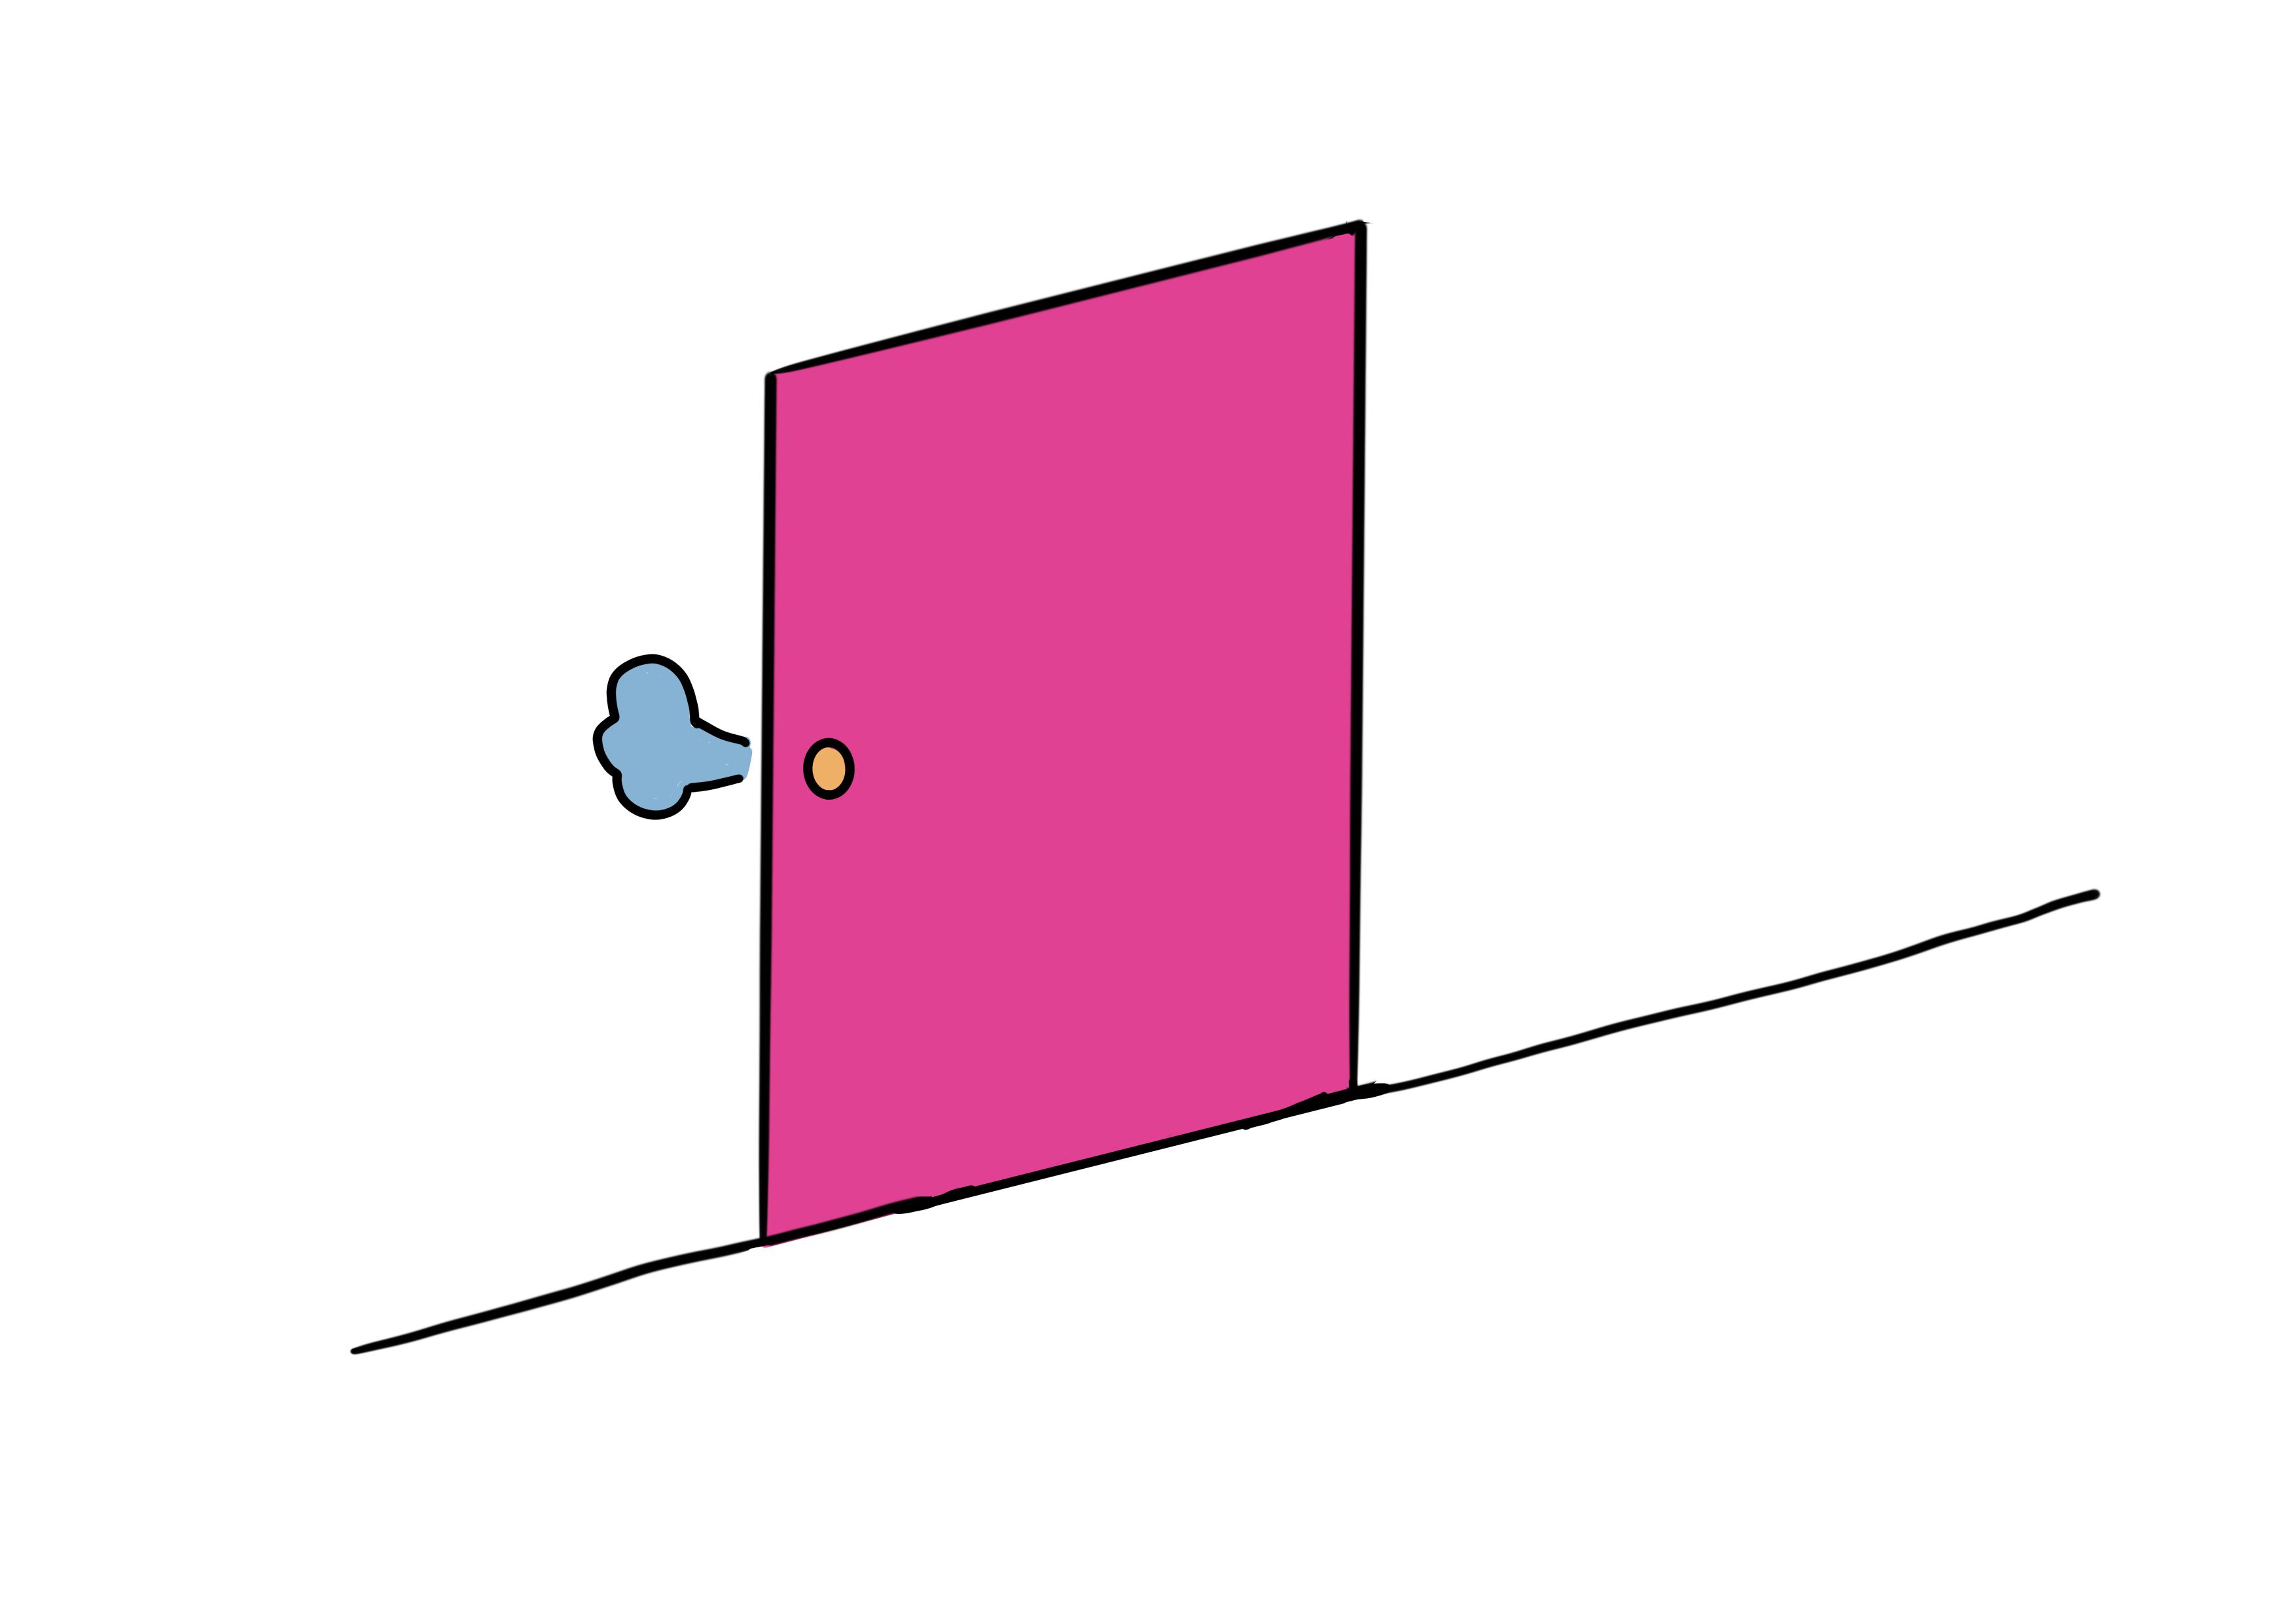 29課イラスト【閉まる】